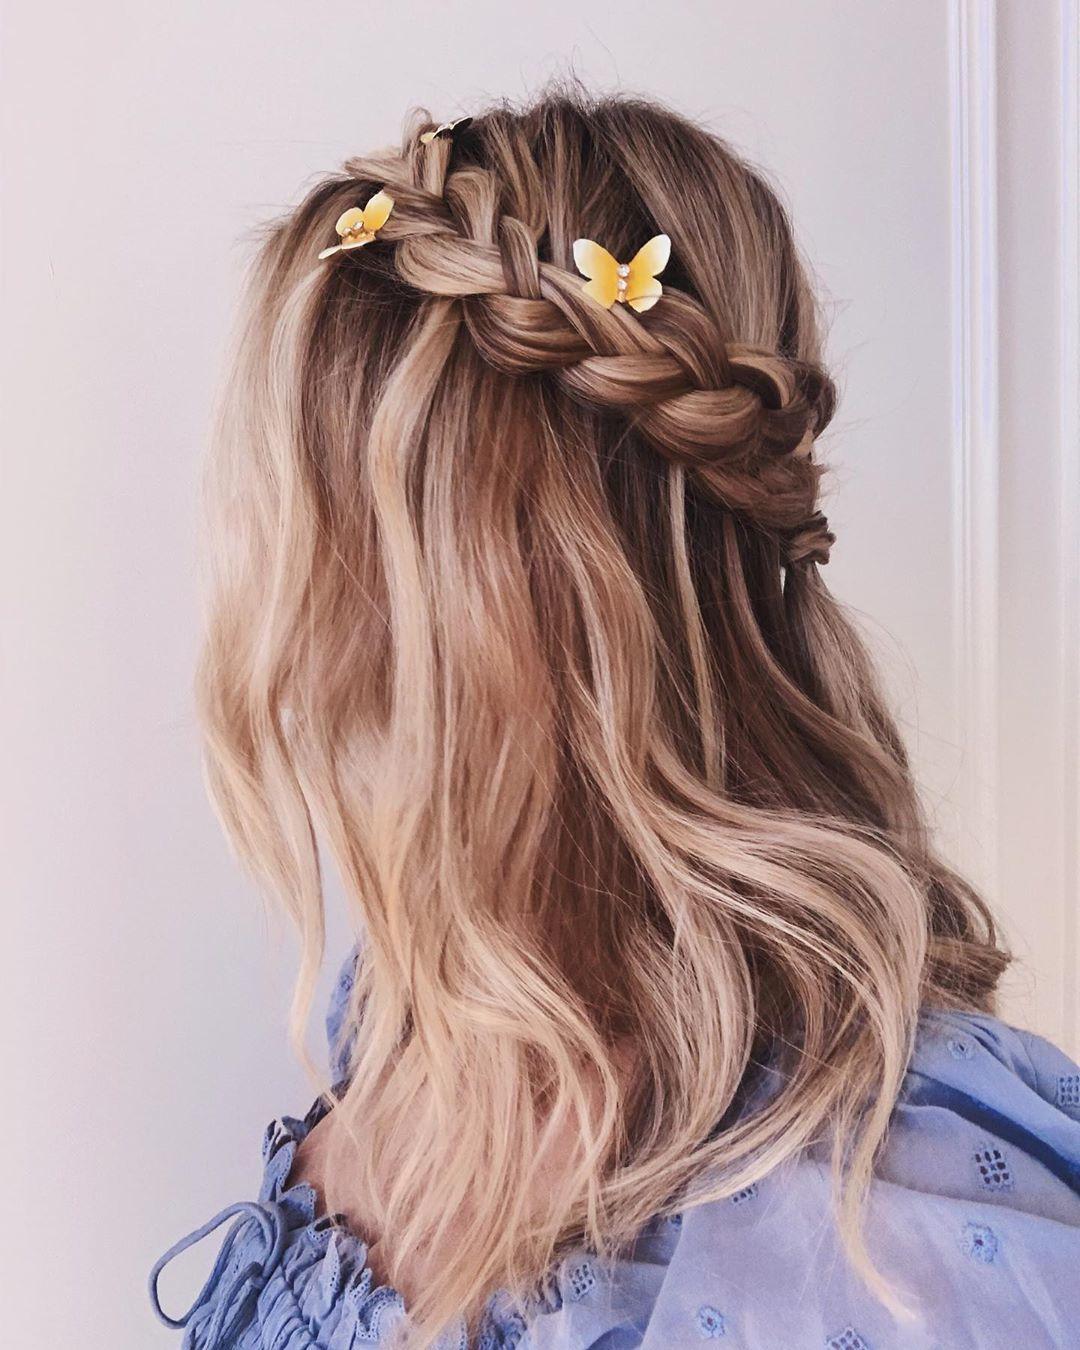 Femme aux cheveux blonds beiges dans une tresse en demi-lune avec des pinces papillon